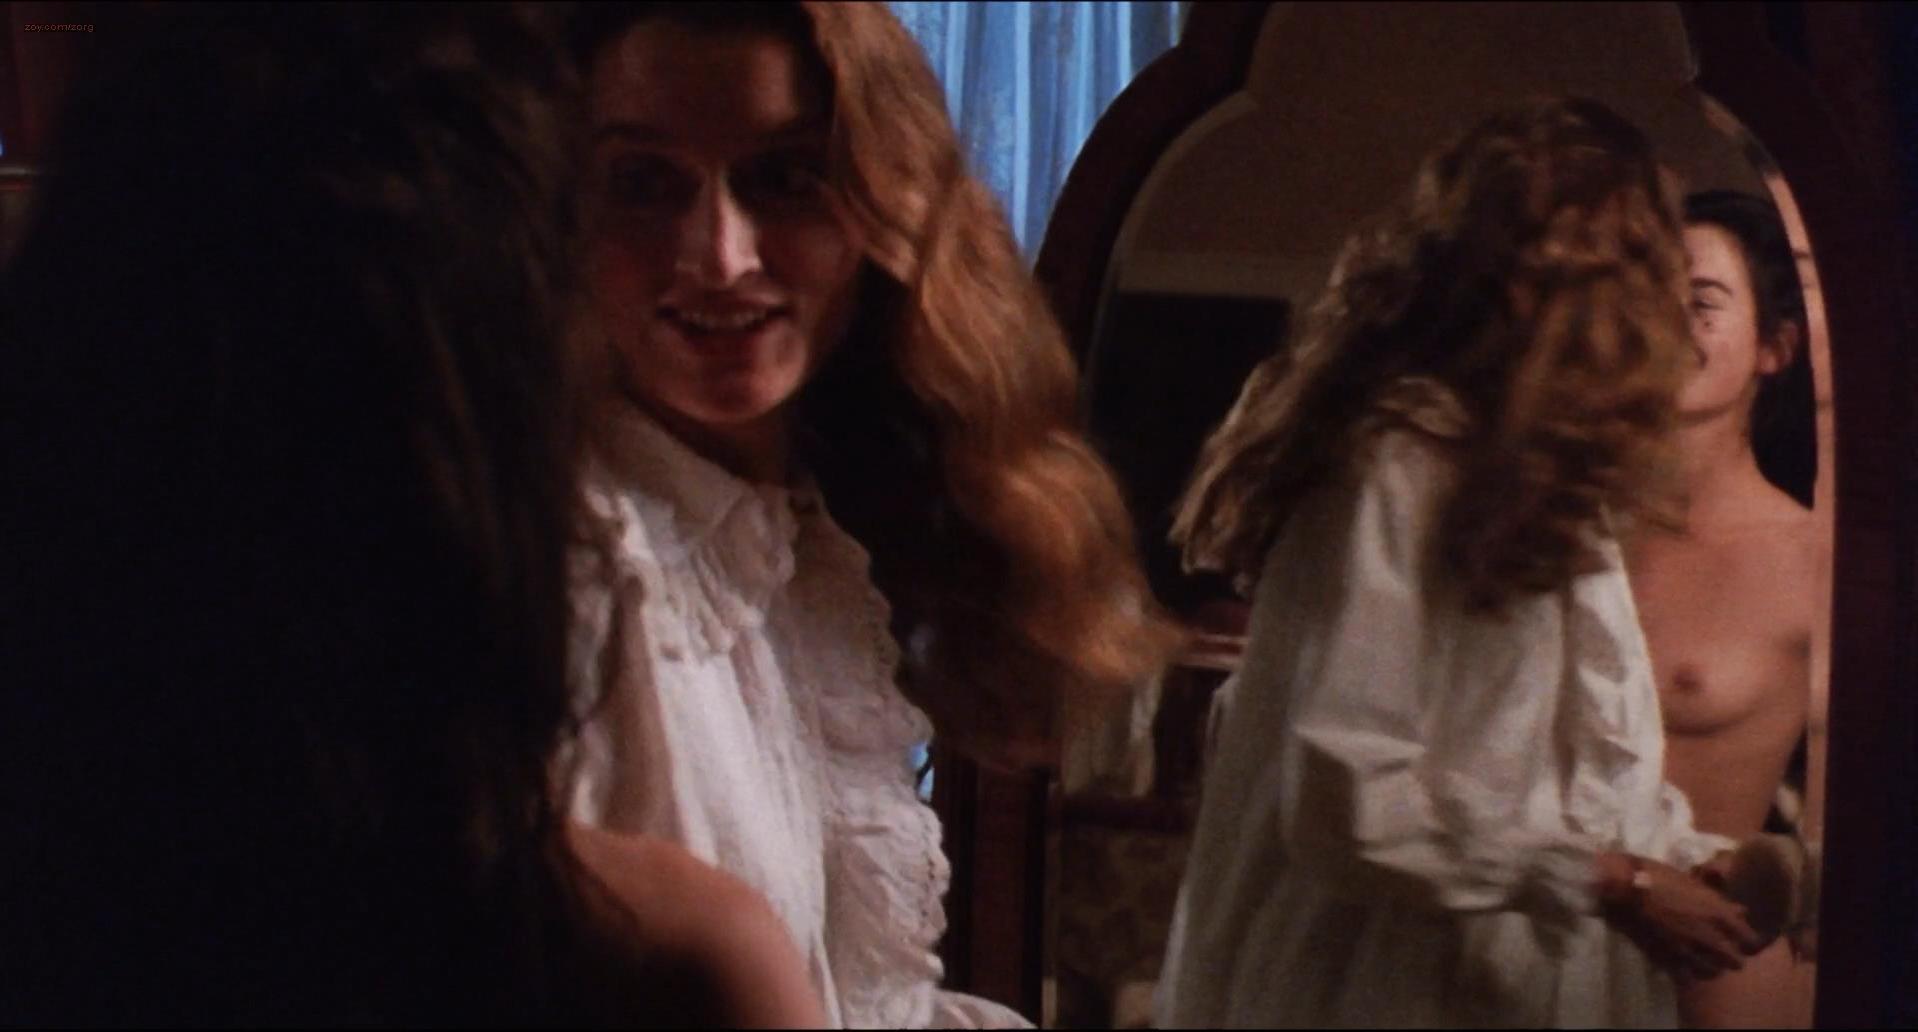 Lena Headey nude - Mrs. Dalloway (1997)